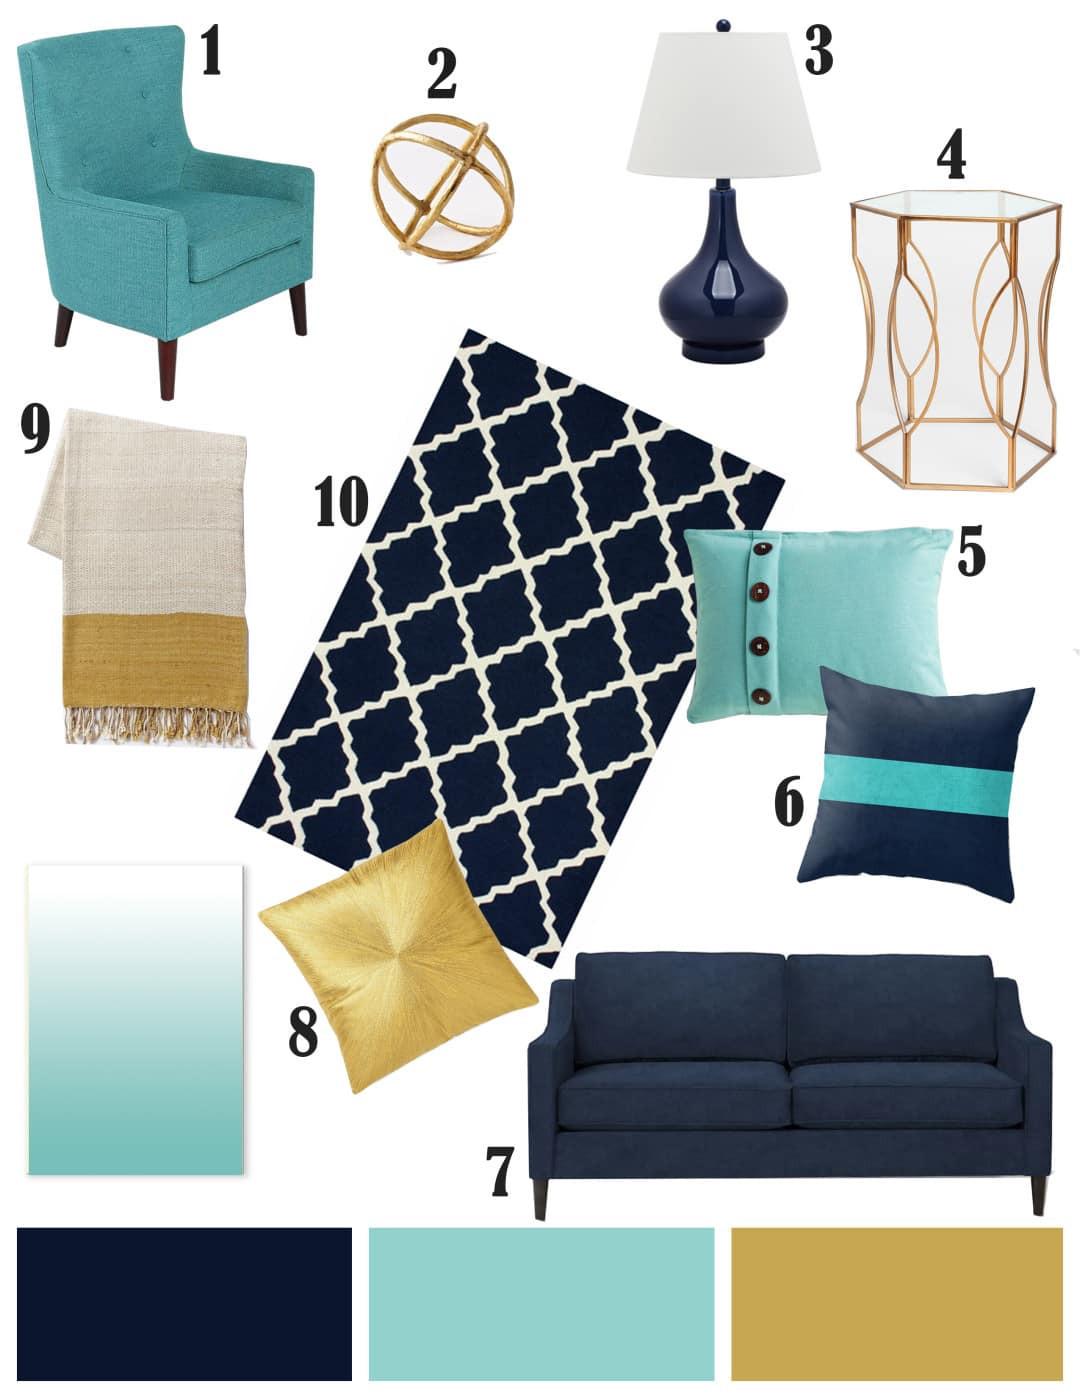 تنسيق ألوان ديكور المنزل - اللون الأزرق في الأثاث